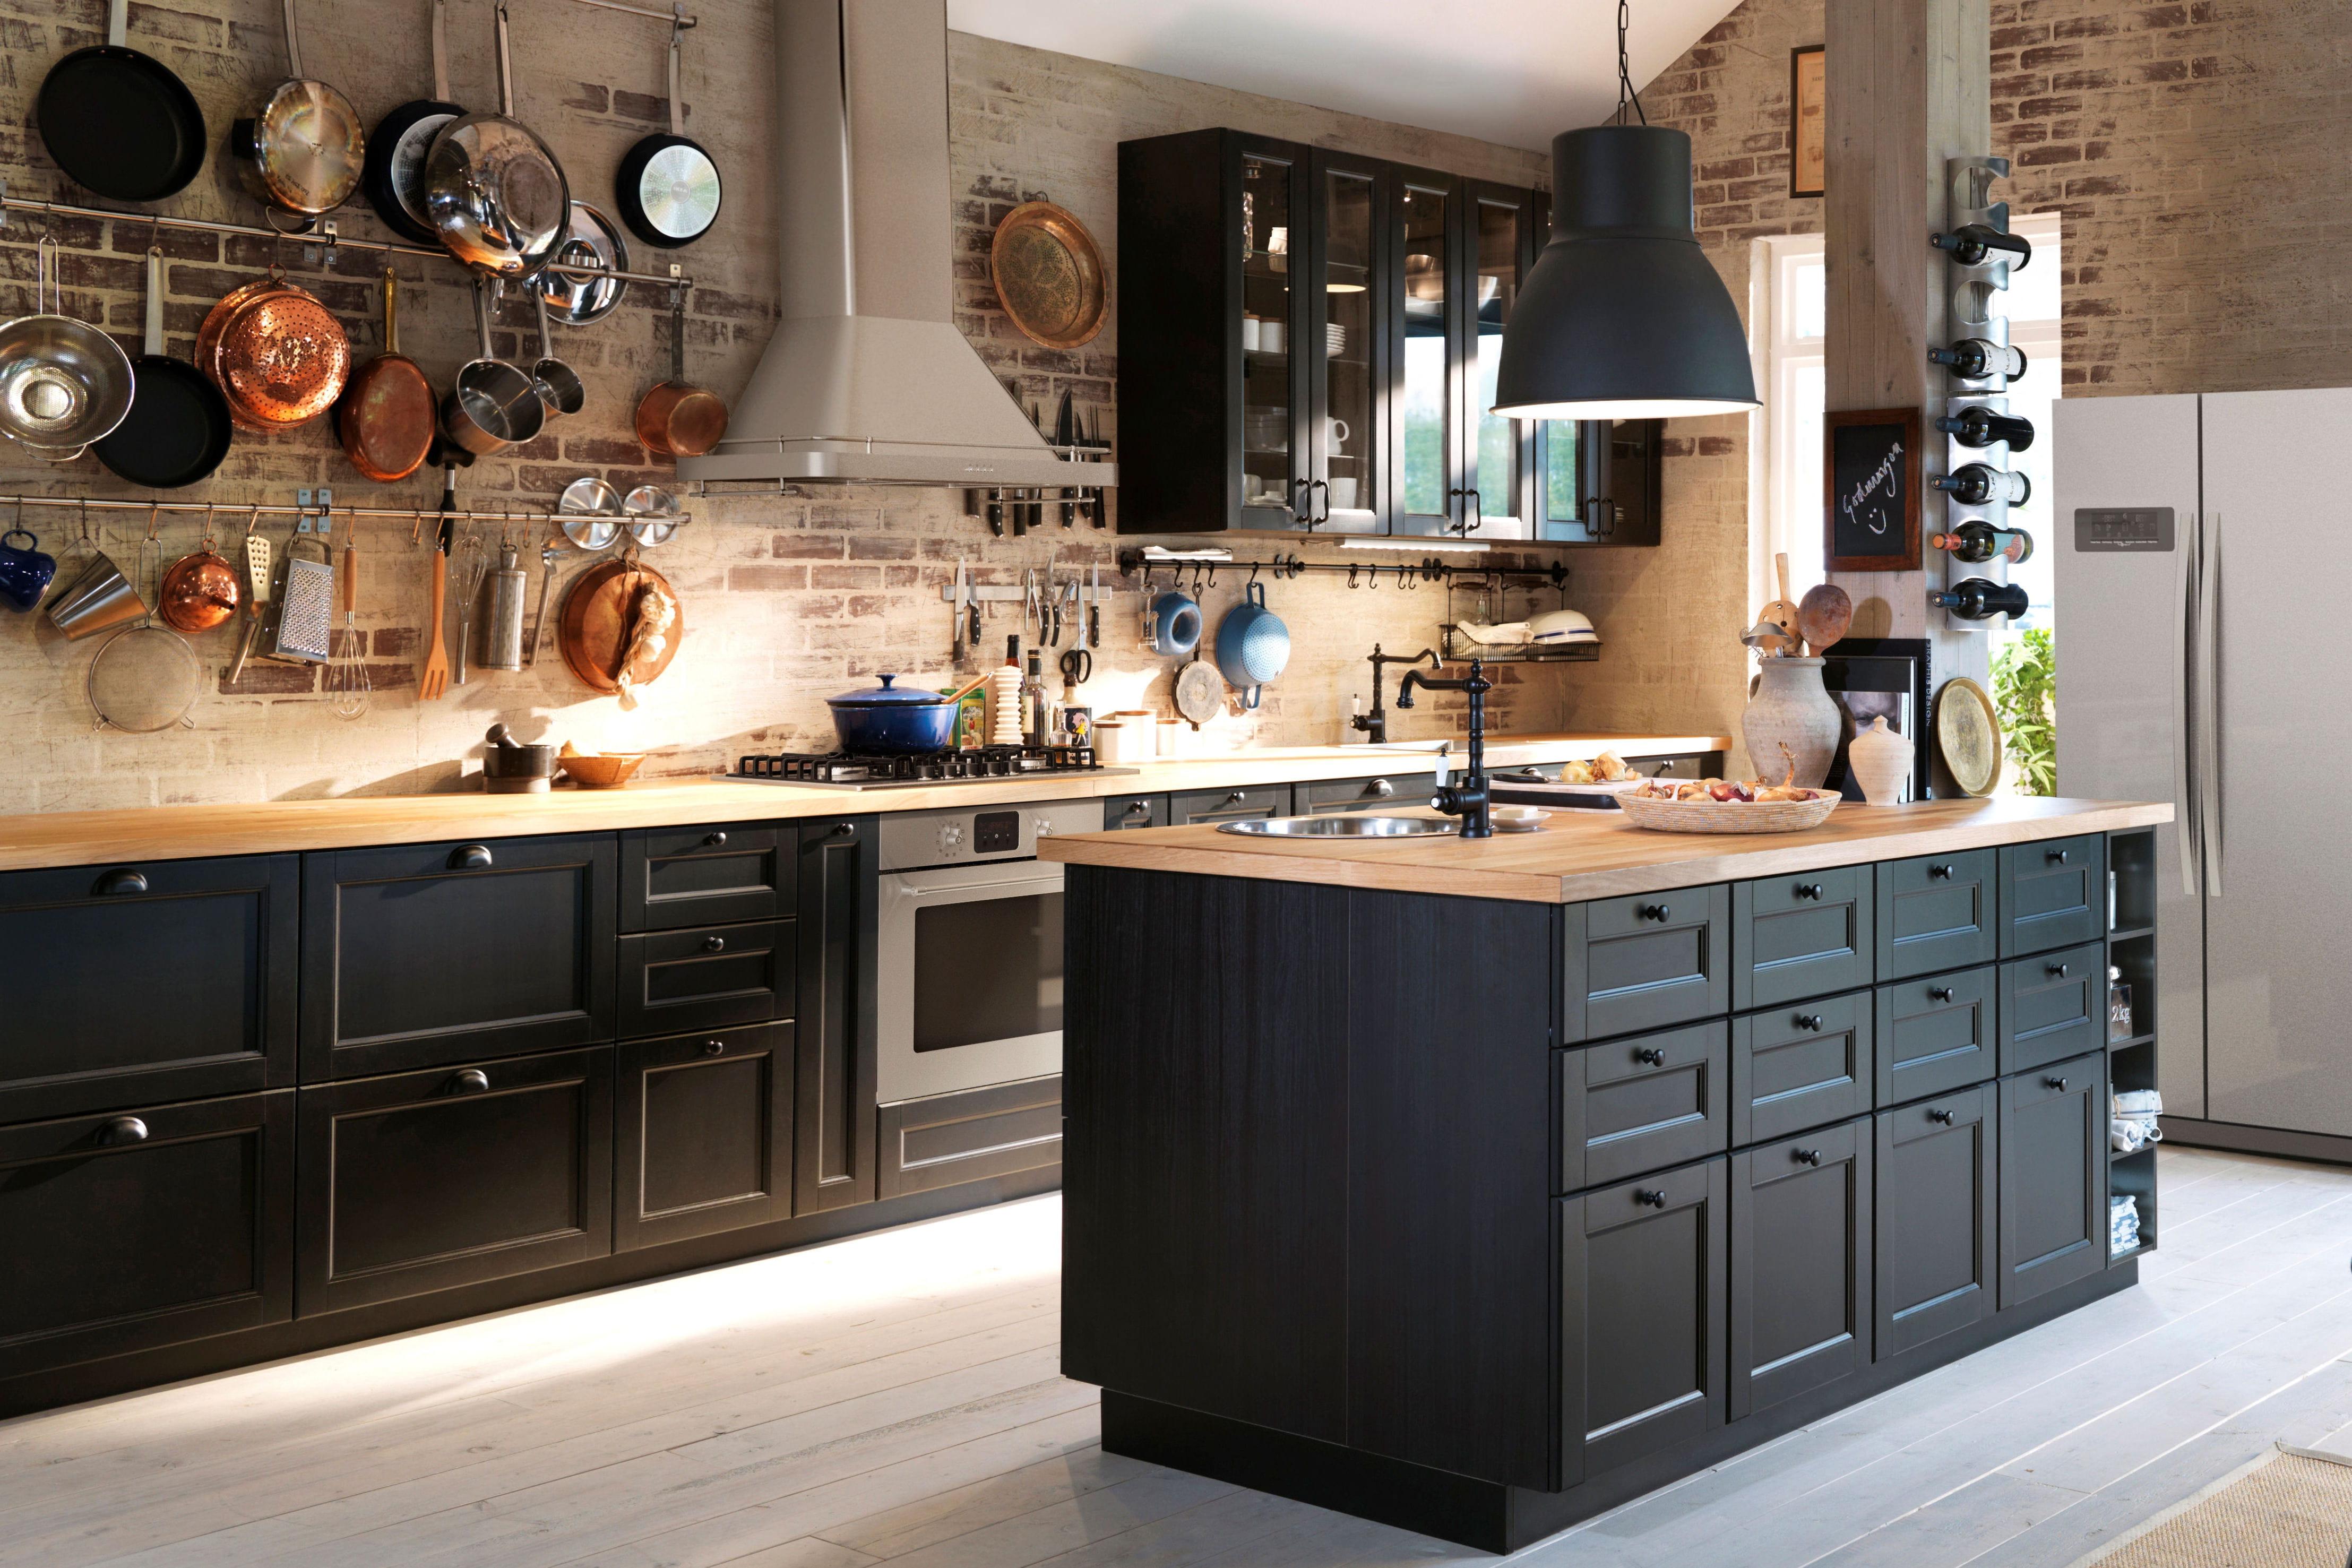 Deco Chambre Bebe Fille Vintage : Quelques astuces pour monter une cuisine IKEA  Journal des Femmes